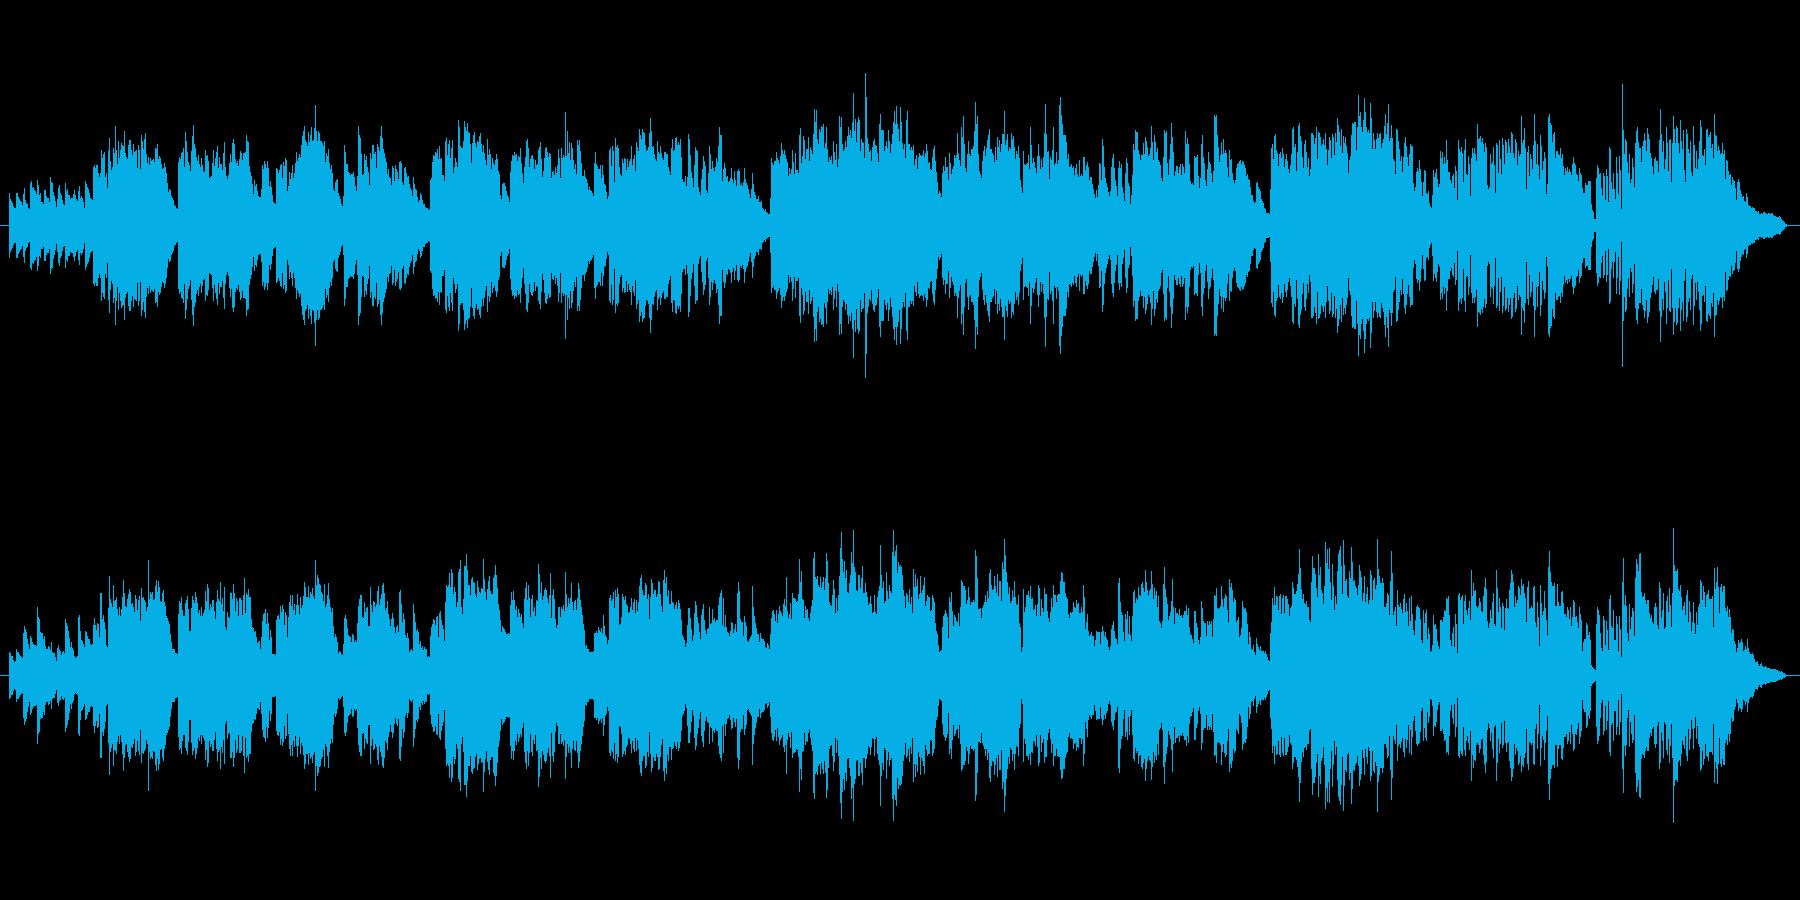 アルルの女「メヌエット」フルート生演奏の再生済みの波形